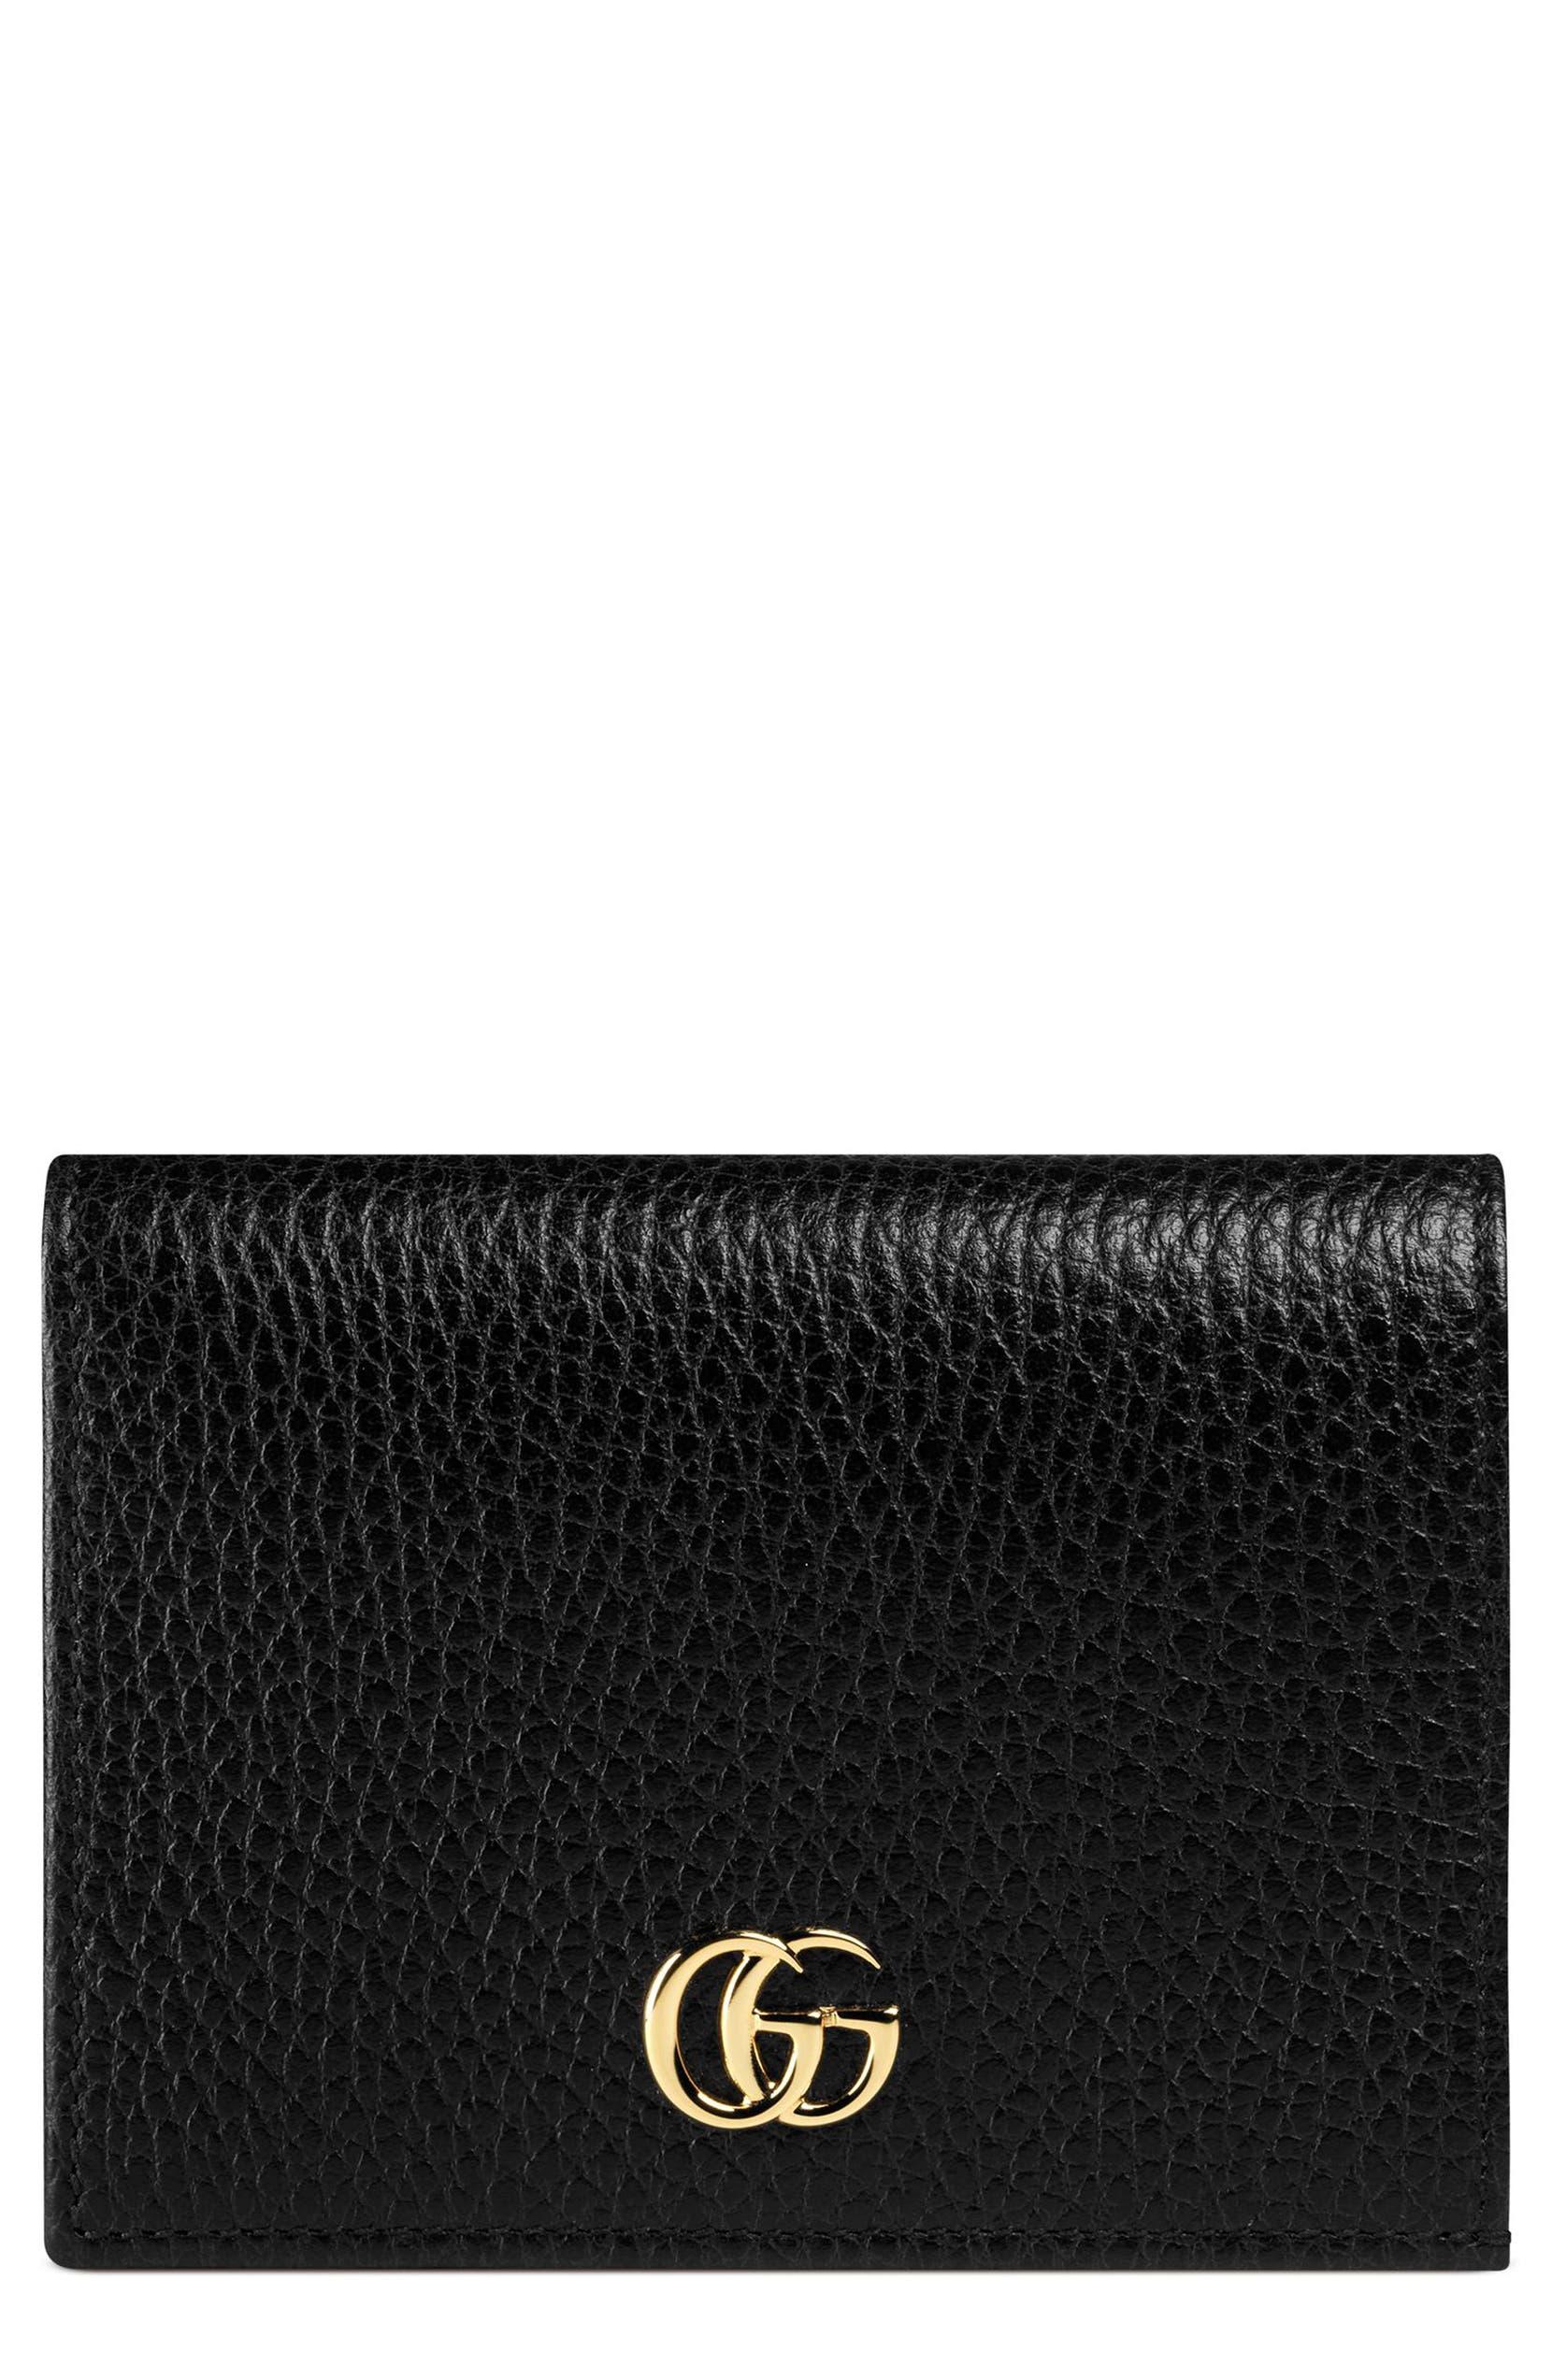 c4d1ce82b Gucci Petite Marmont Leather Card Case